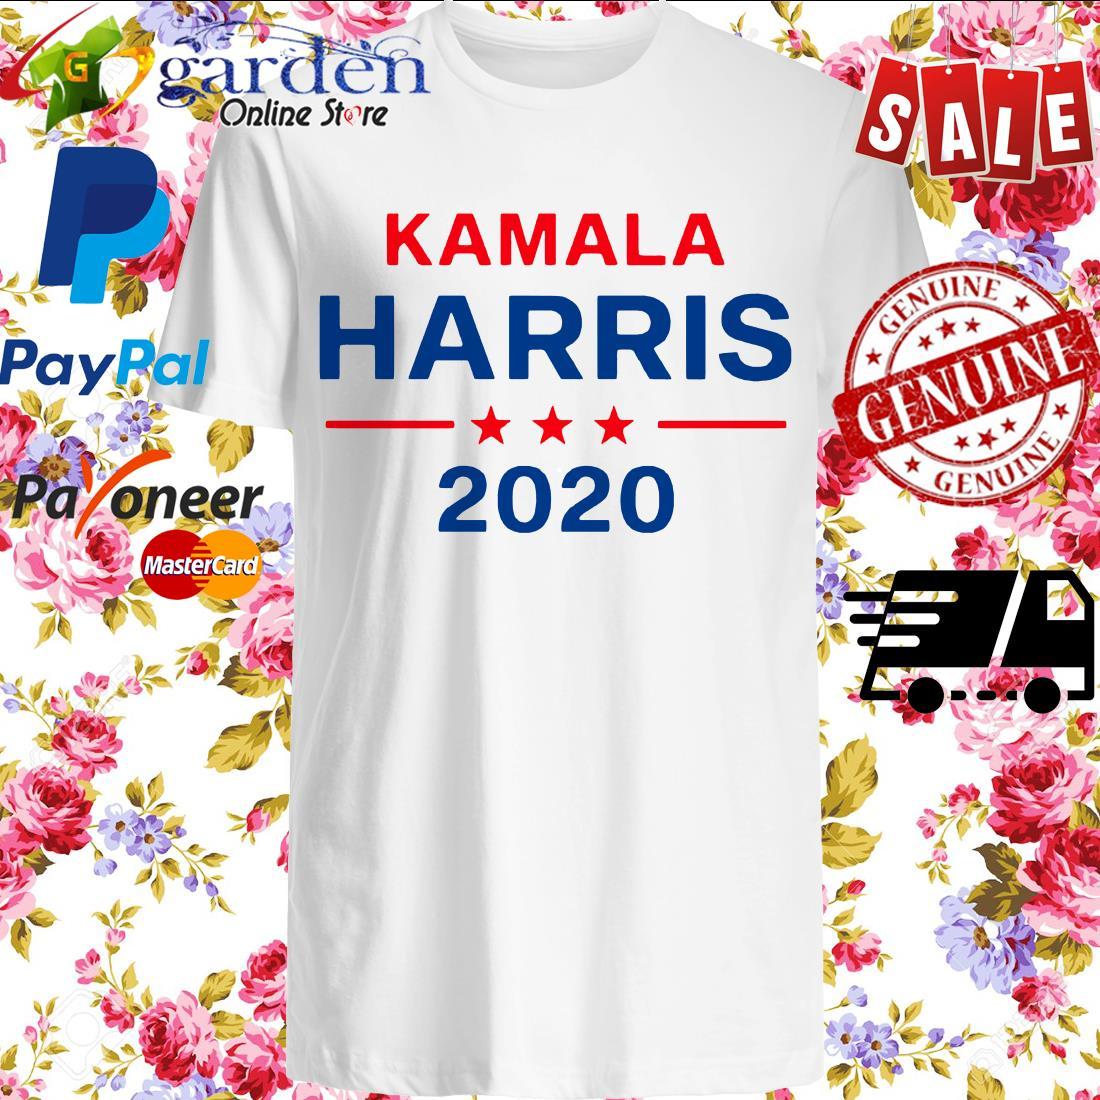 Kamala Harris 2020 star shirt